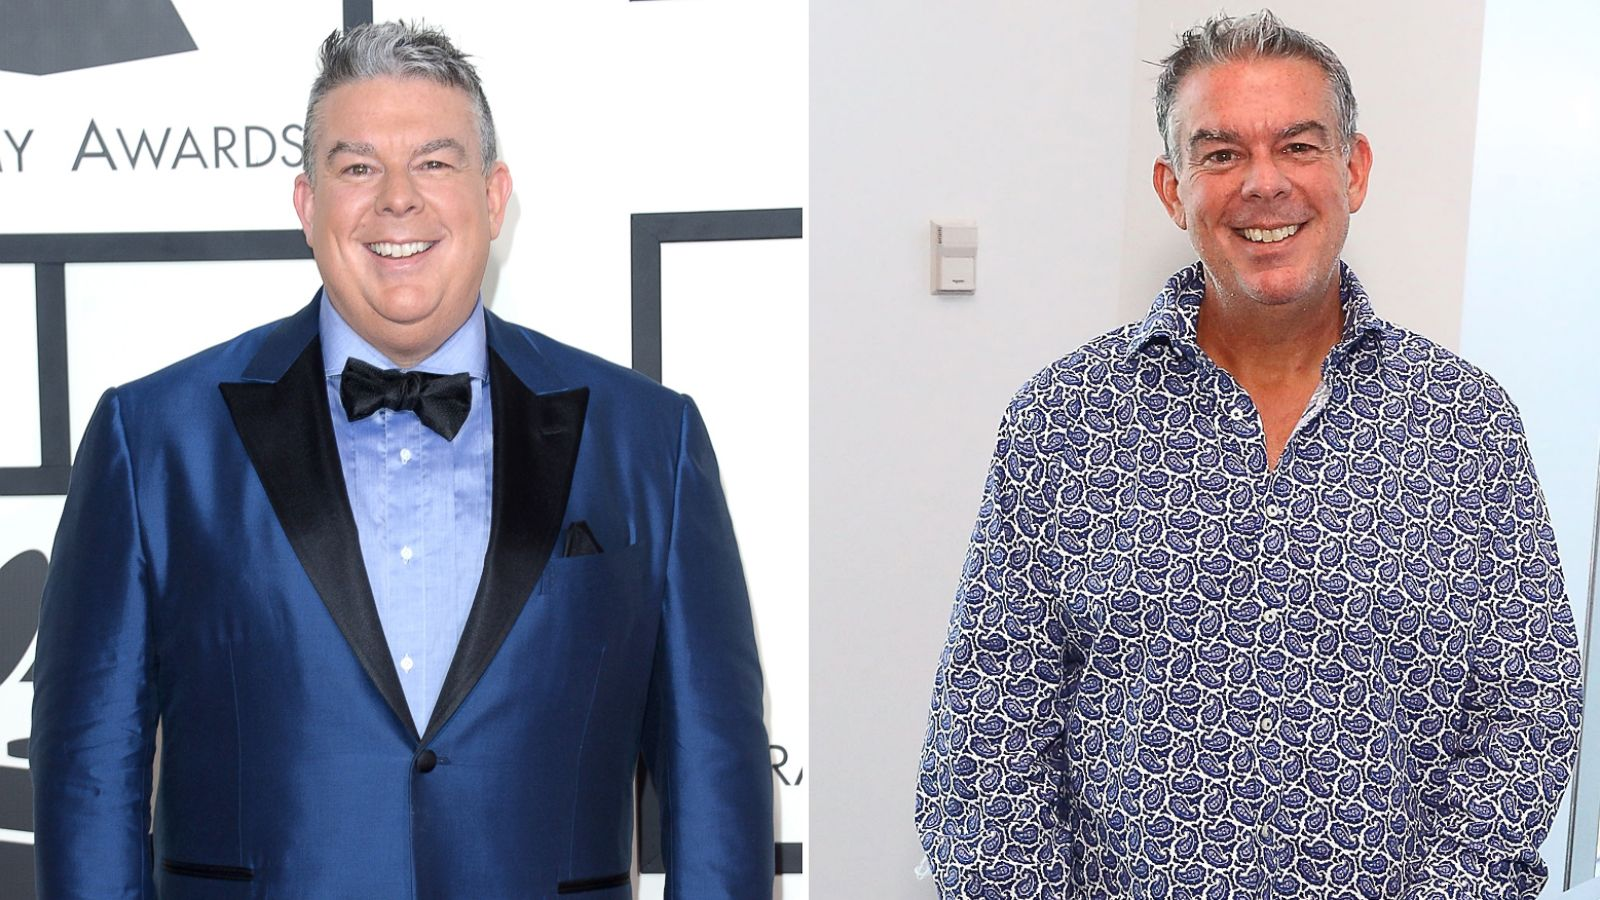 Beloved Nyc Radio Host Elvis Duran Details Dramatic 105 Pound Weight